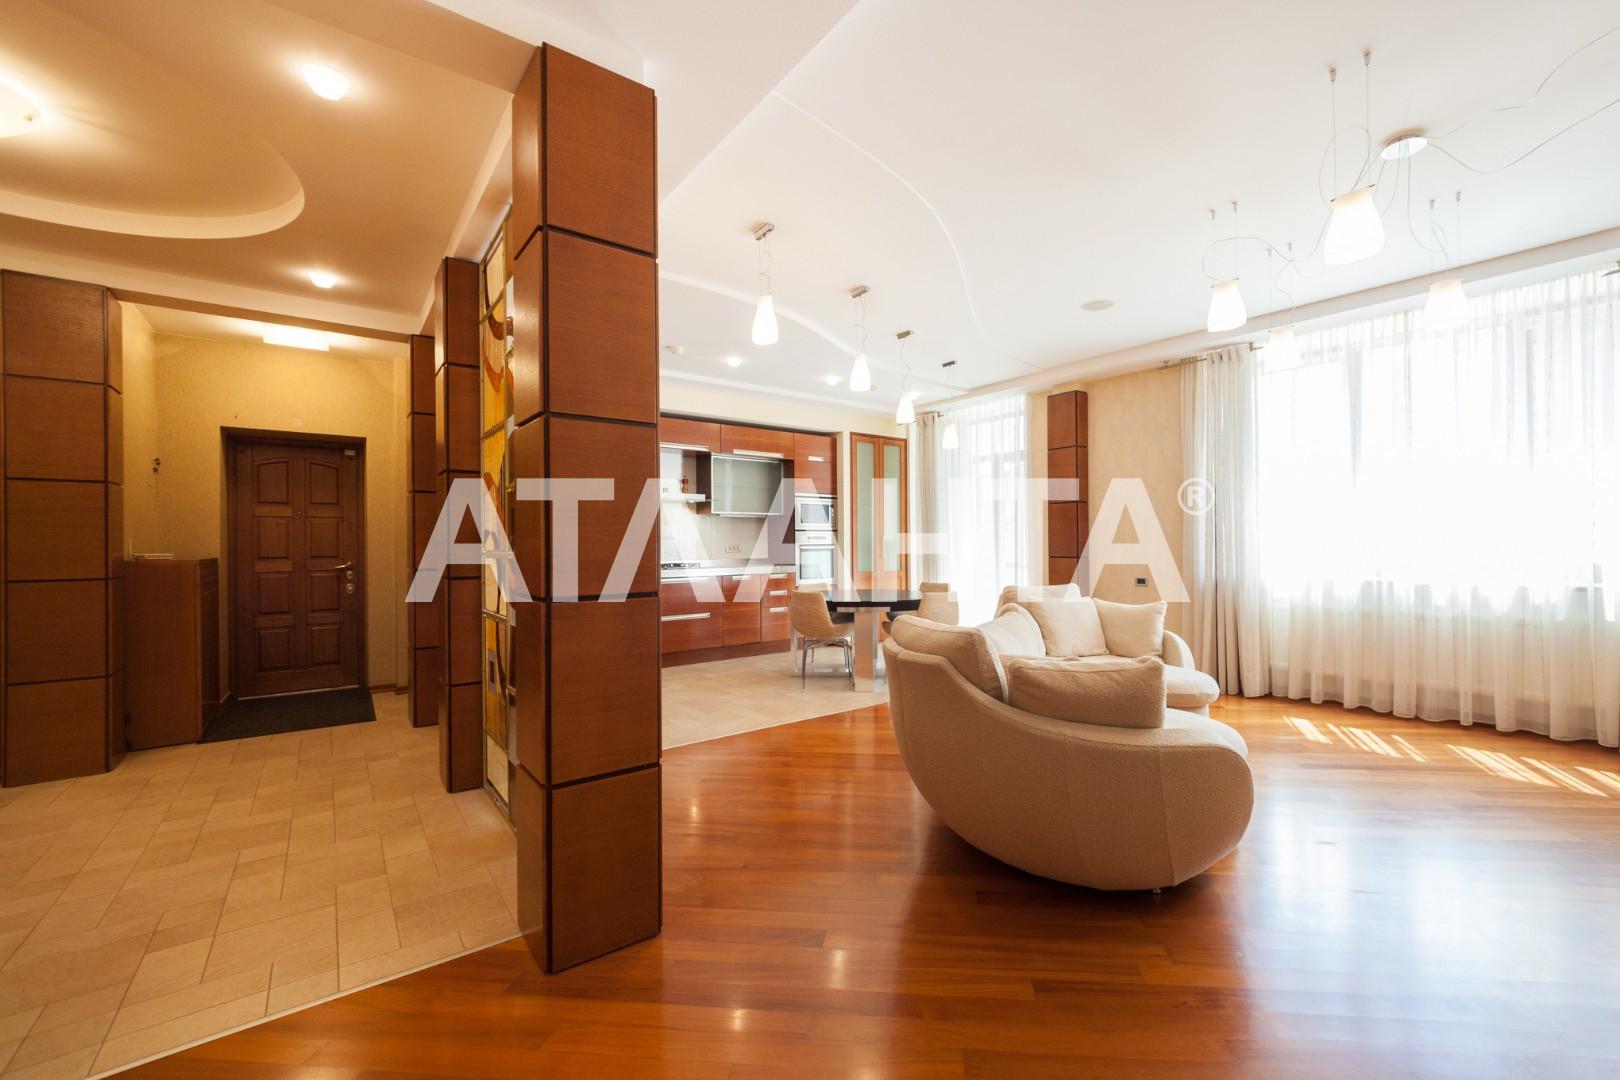 Продается 3-комнатная Квартира на ул. Педагогический Пер. — 230 000 у.е. (фото №3)